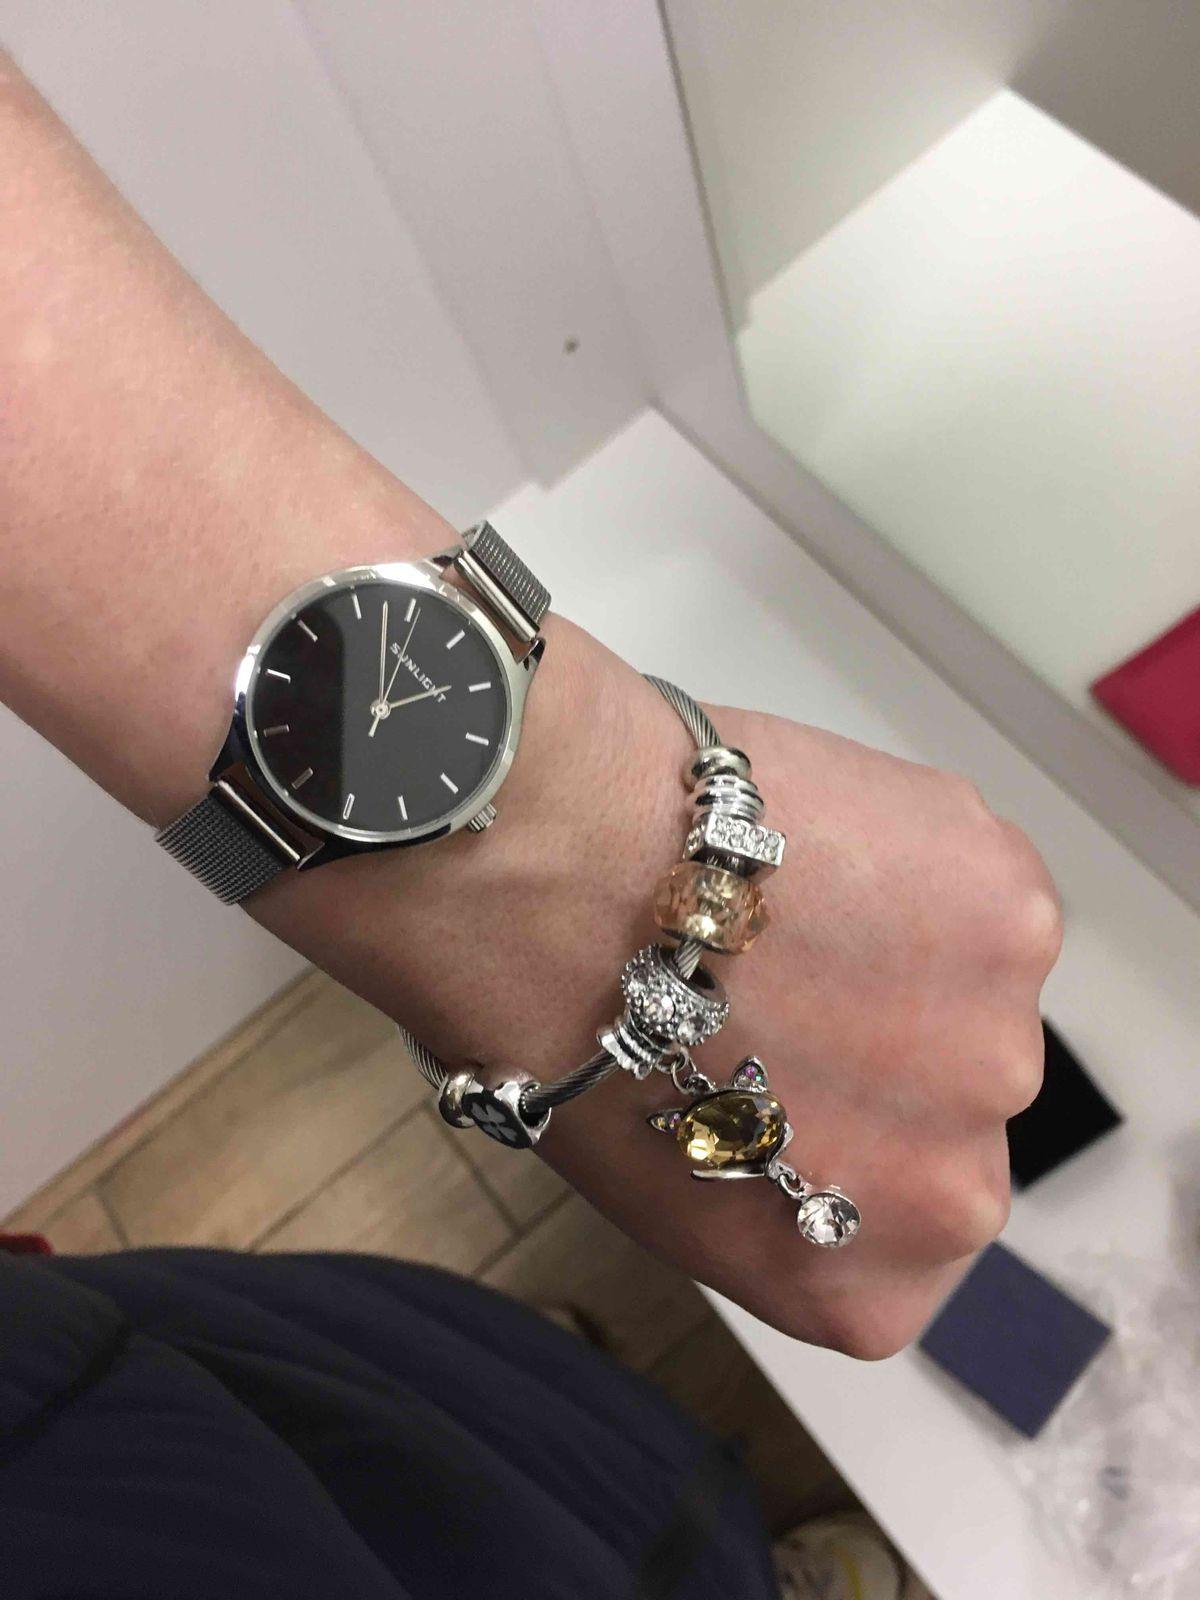 Рекомендую к покупке, хорошие часы